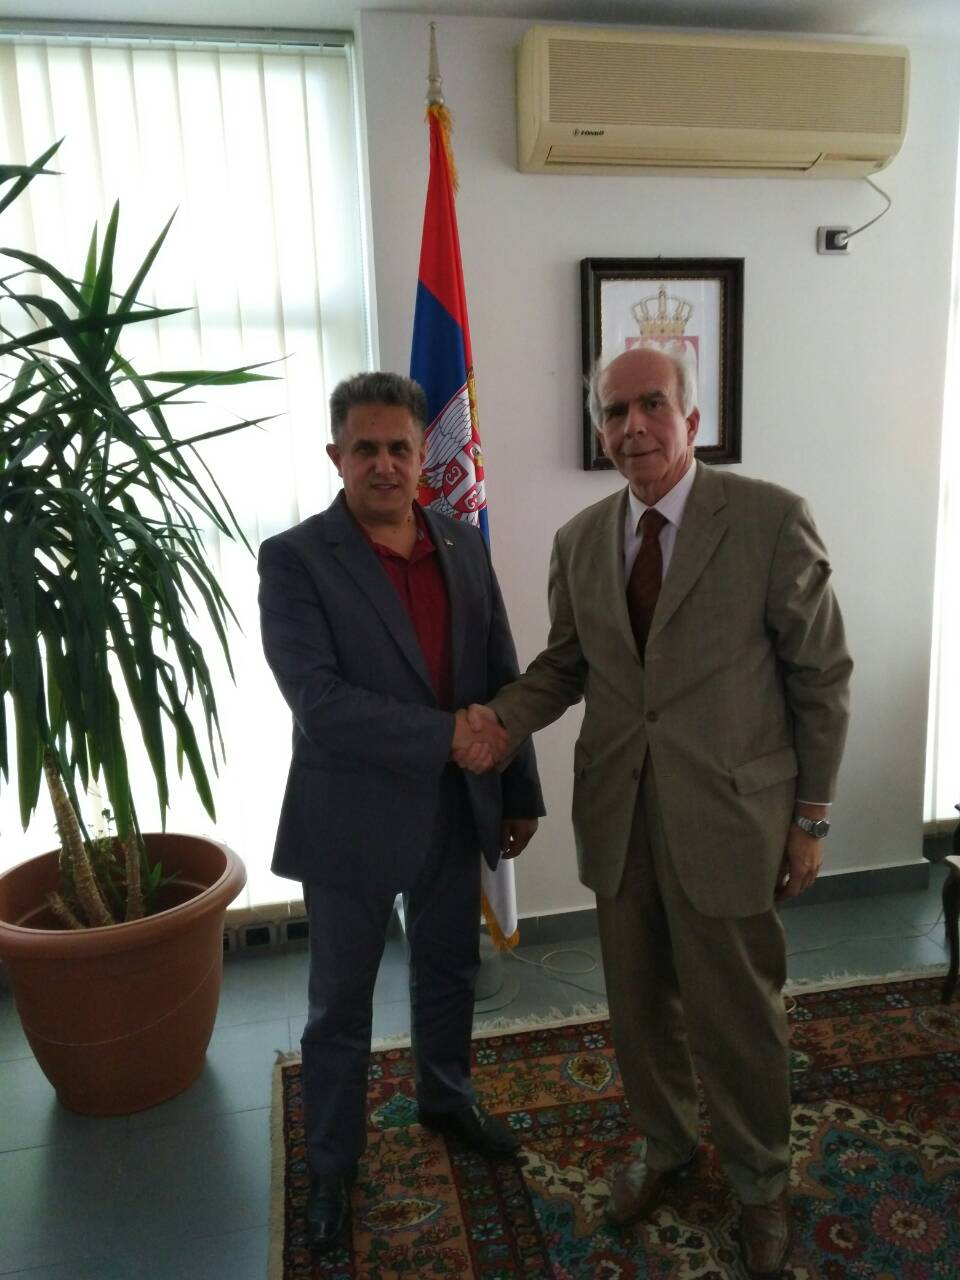 Narodni poslanik Miletić u poseti Albaniji!